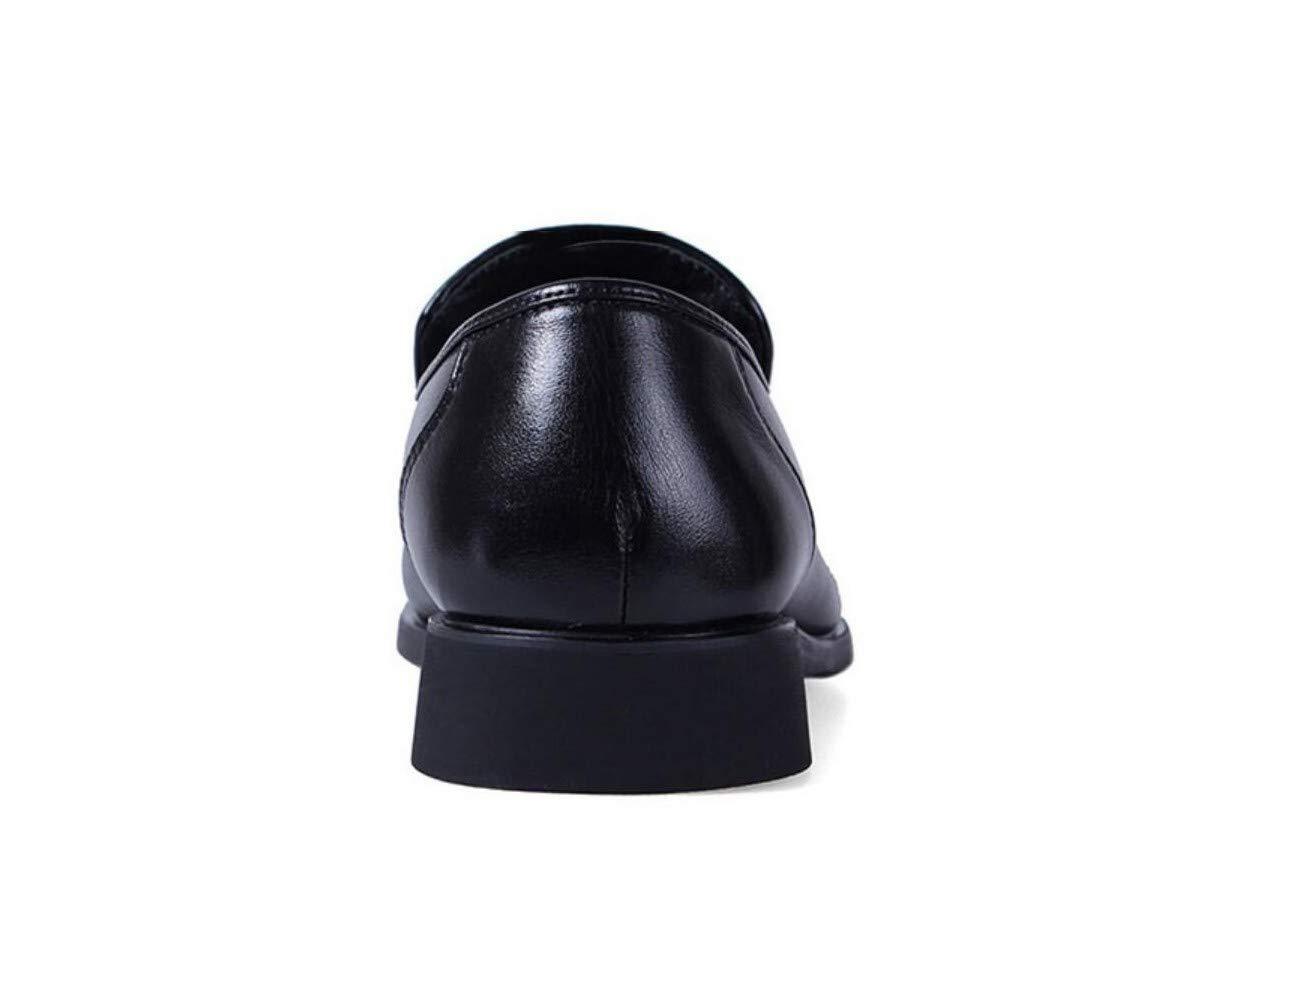 Jiang ZX Herren Schuhe, Schuhe, niedrige Schuhe, Business Schuhe, Herren verschleißfest, atmungsaktiv, braun, 39 Schwarz 4a987e